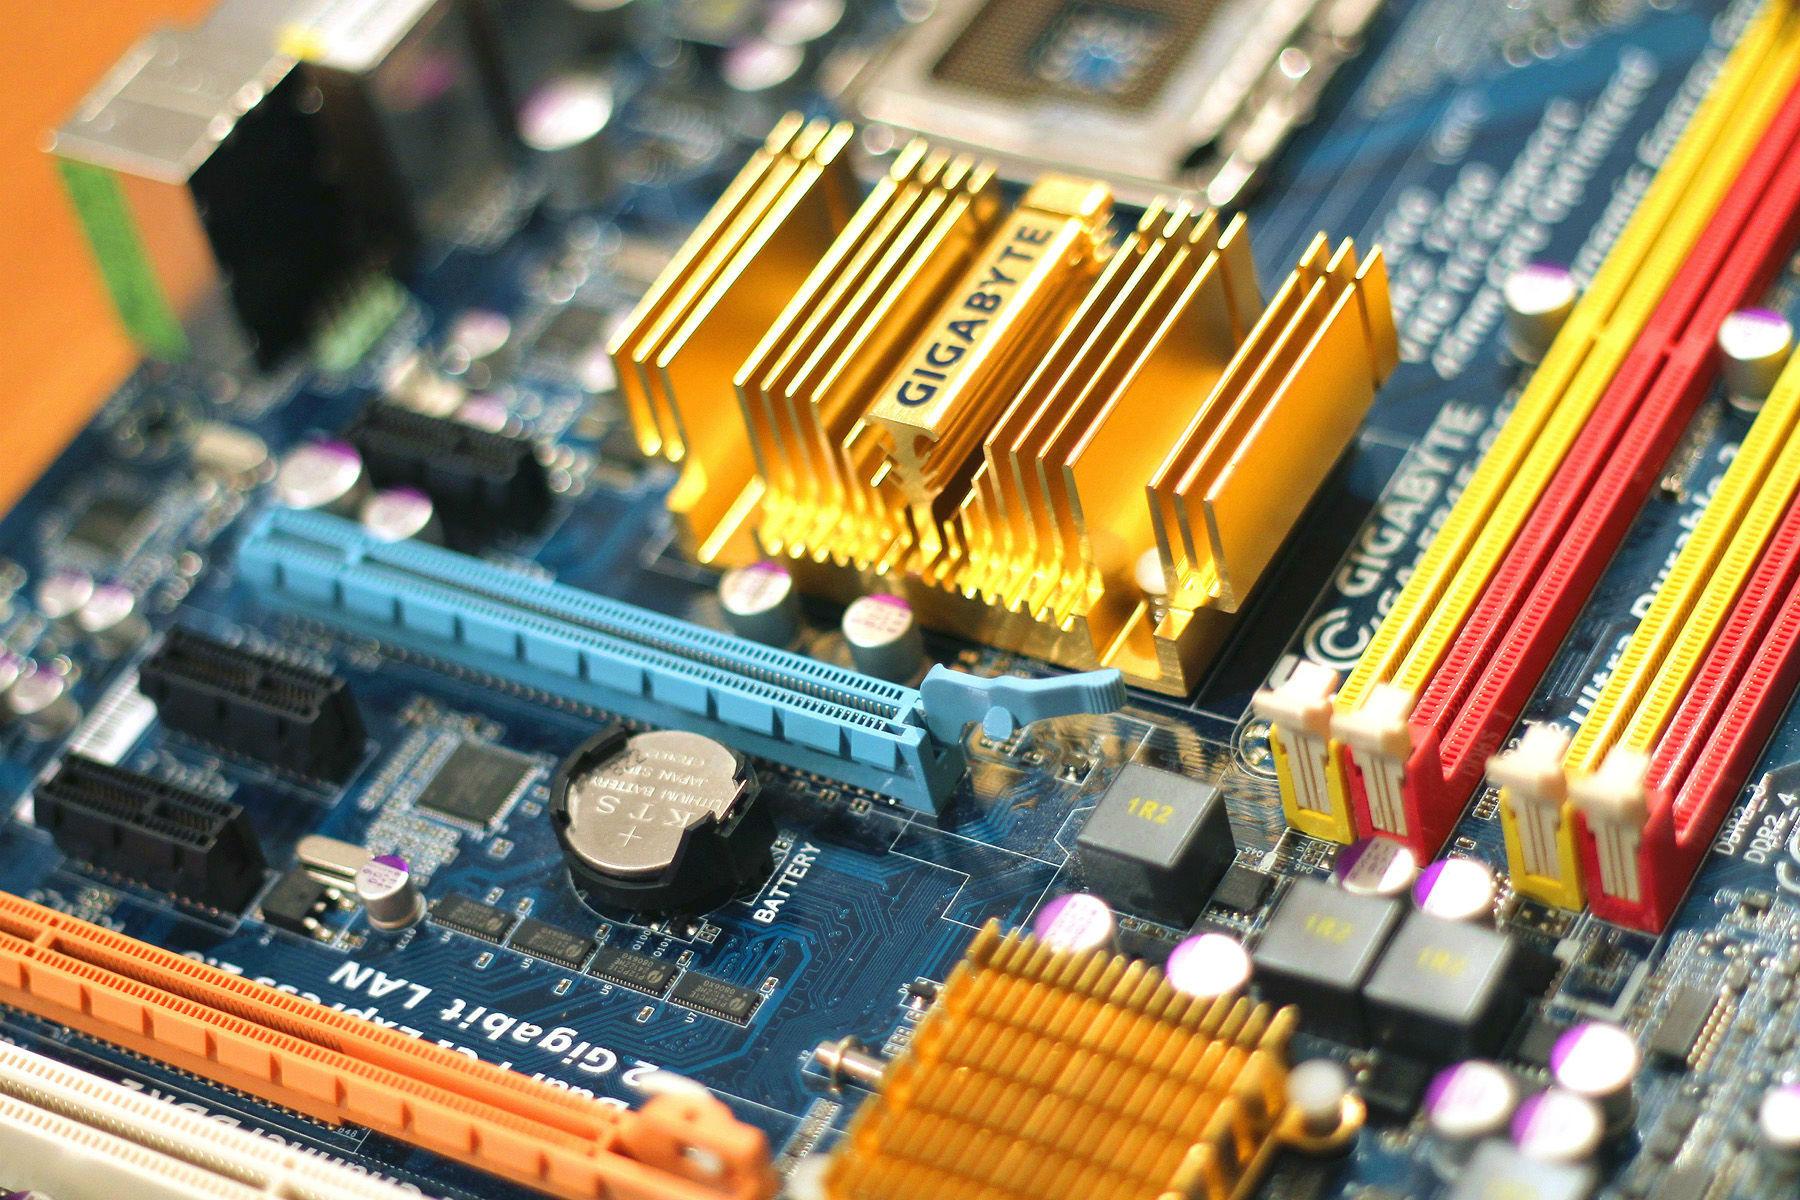 chipset34-informatique-2